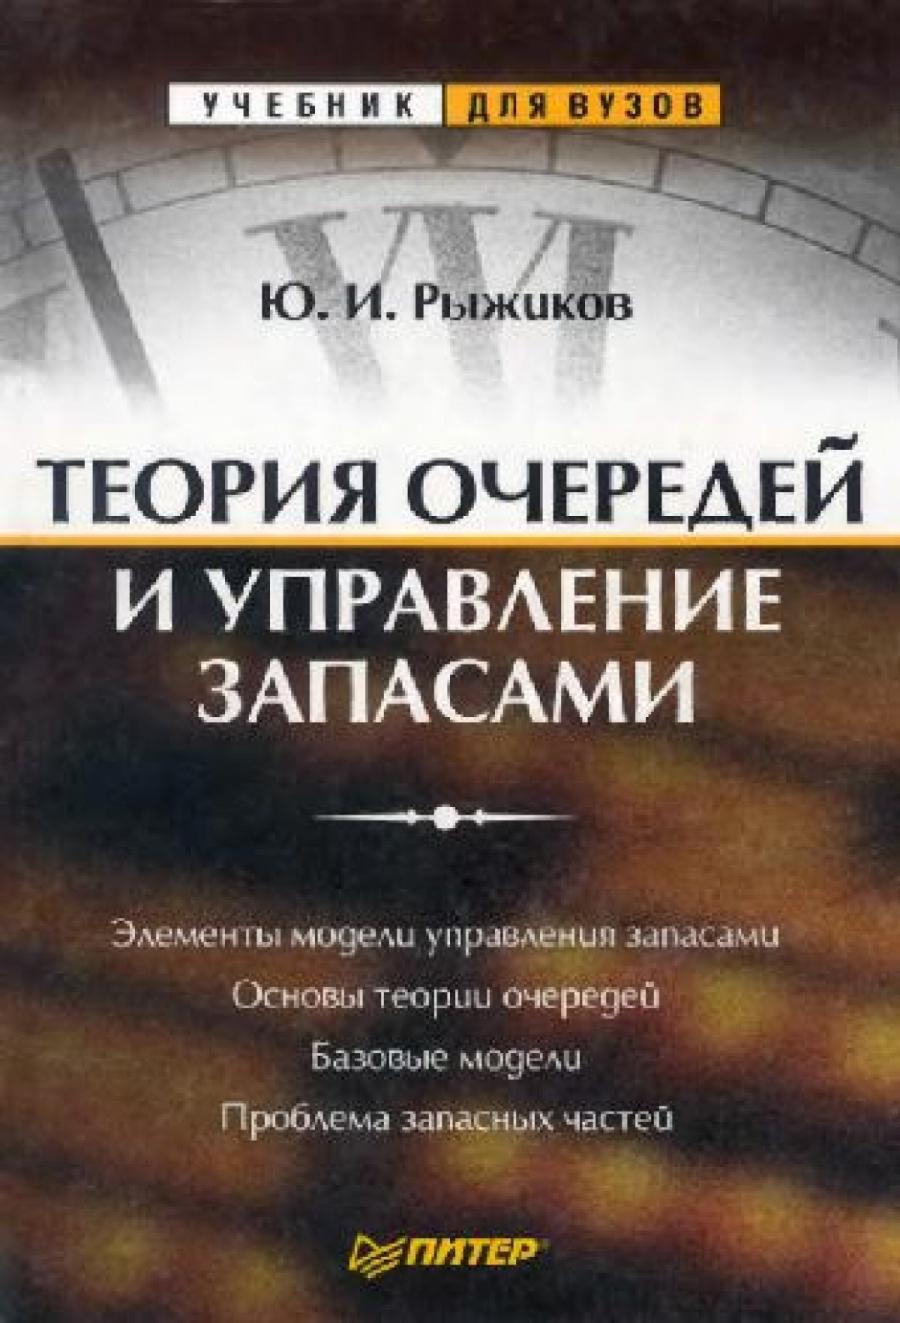 Обложка книги:  учебник для вузов - ю. и. рыжиков - теория очередей и управление запасами